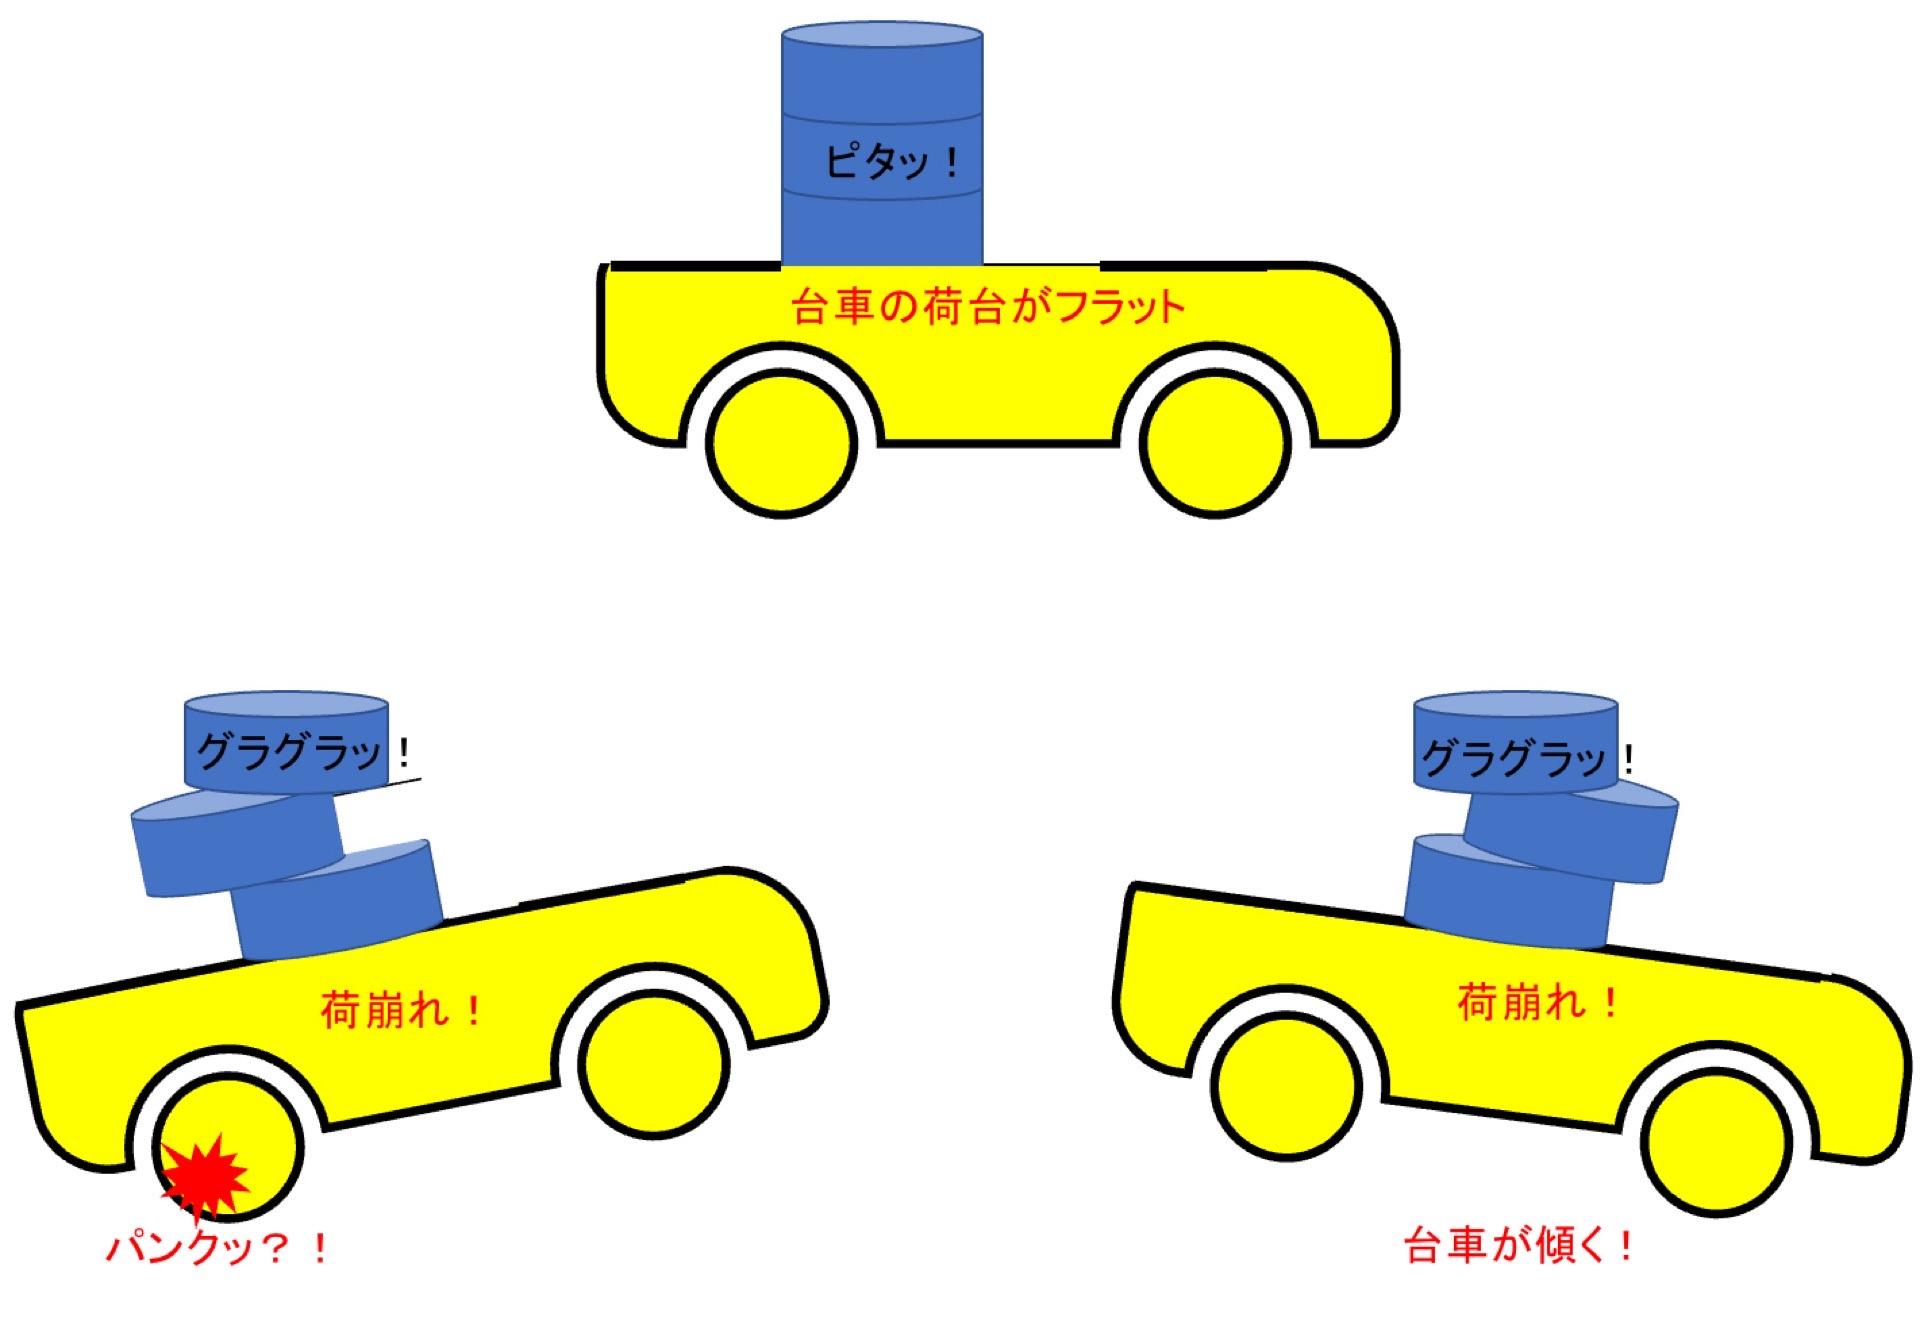 不安定な台車